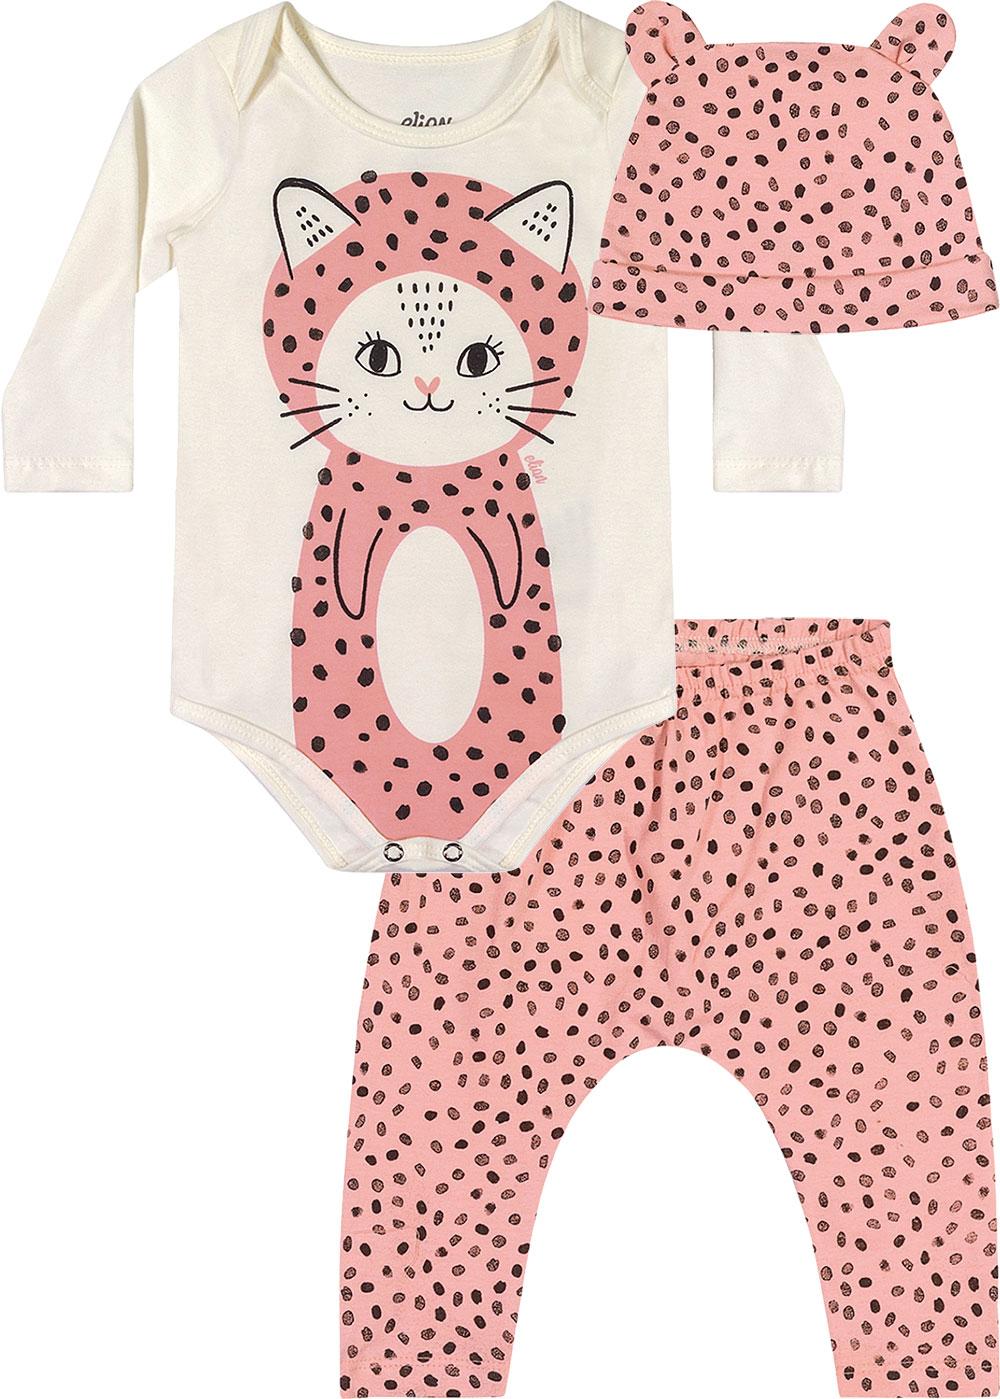 Kit Body Infantil Feminino Inverno Offwhite Little Cat - Elian